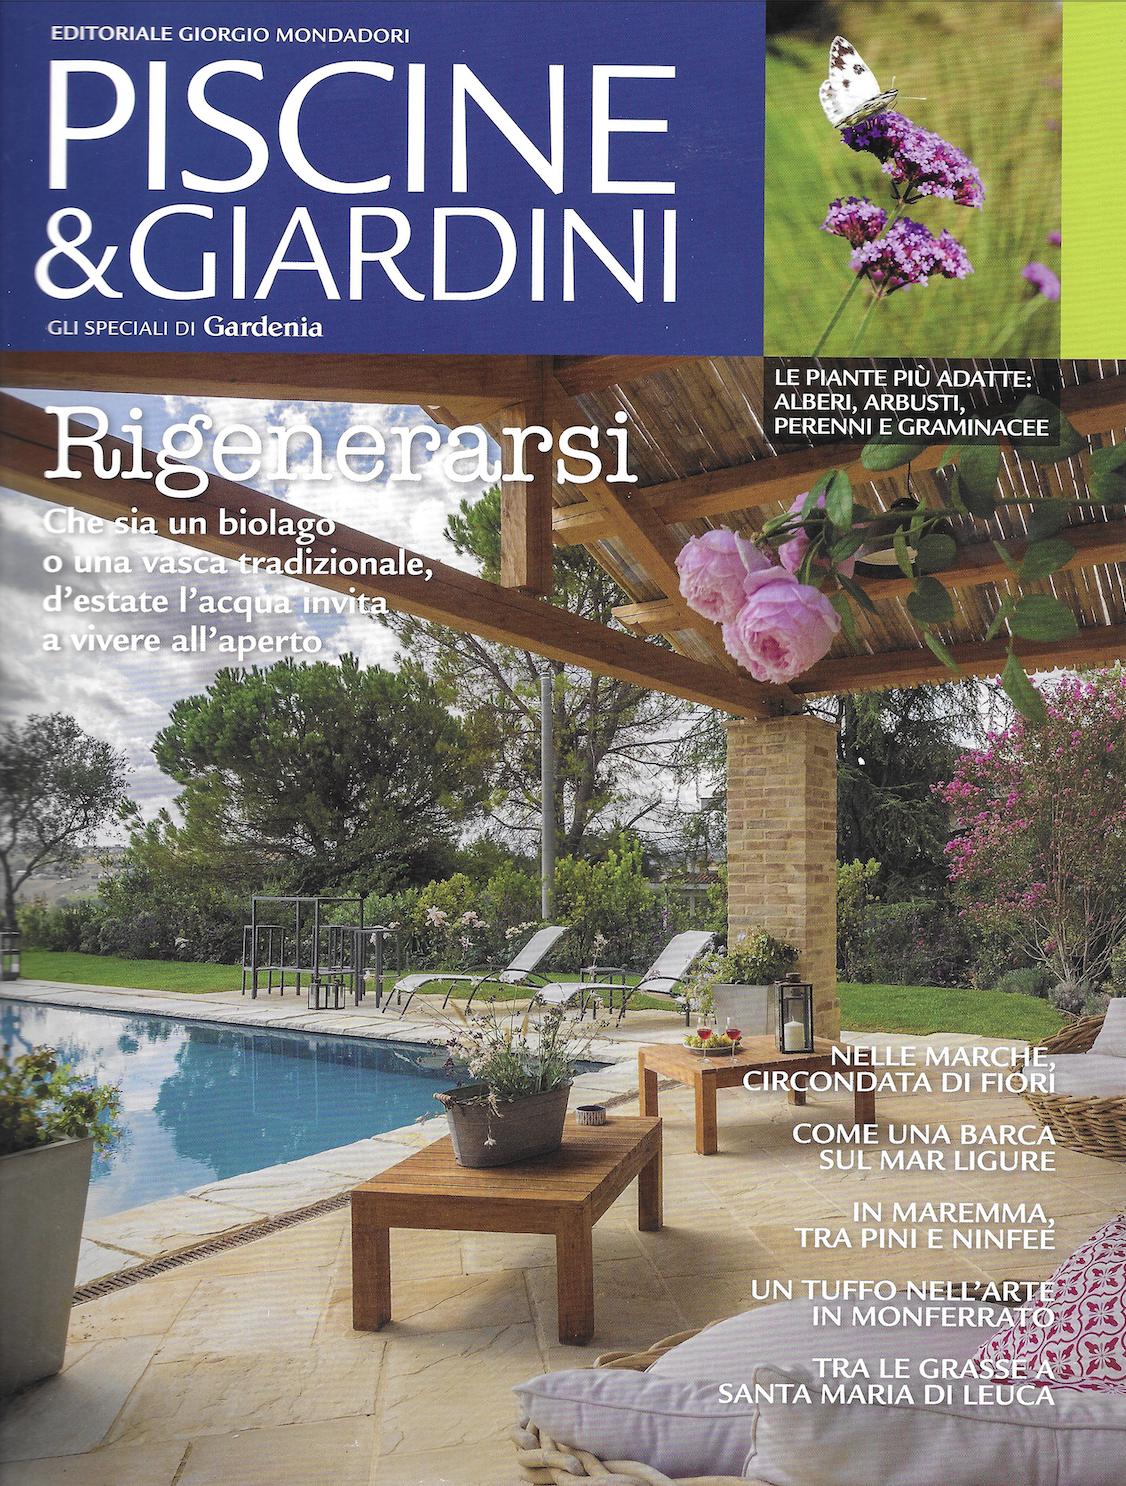 Domenico Mori in Gardenia Piscine & Giardini Luglio 2021 - 1